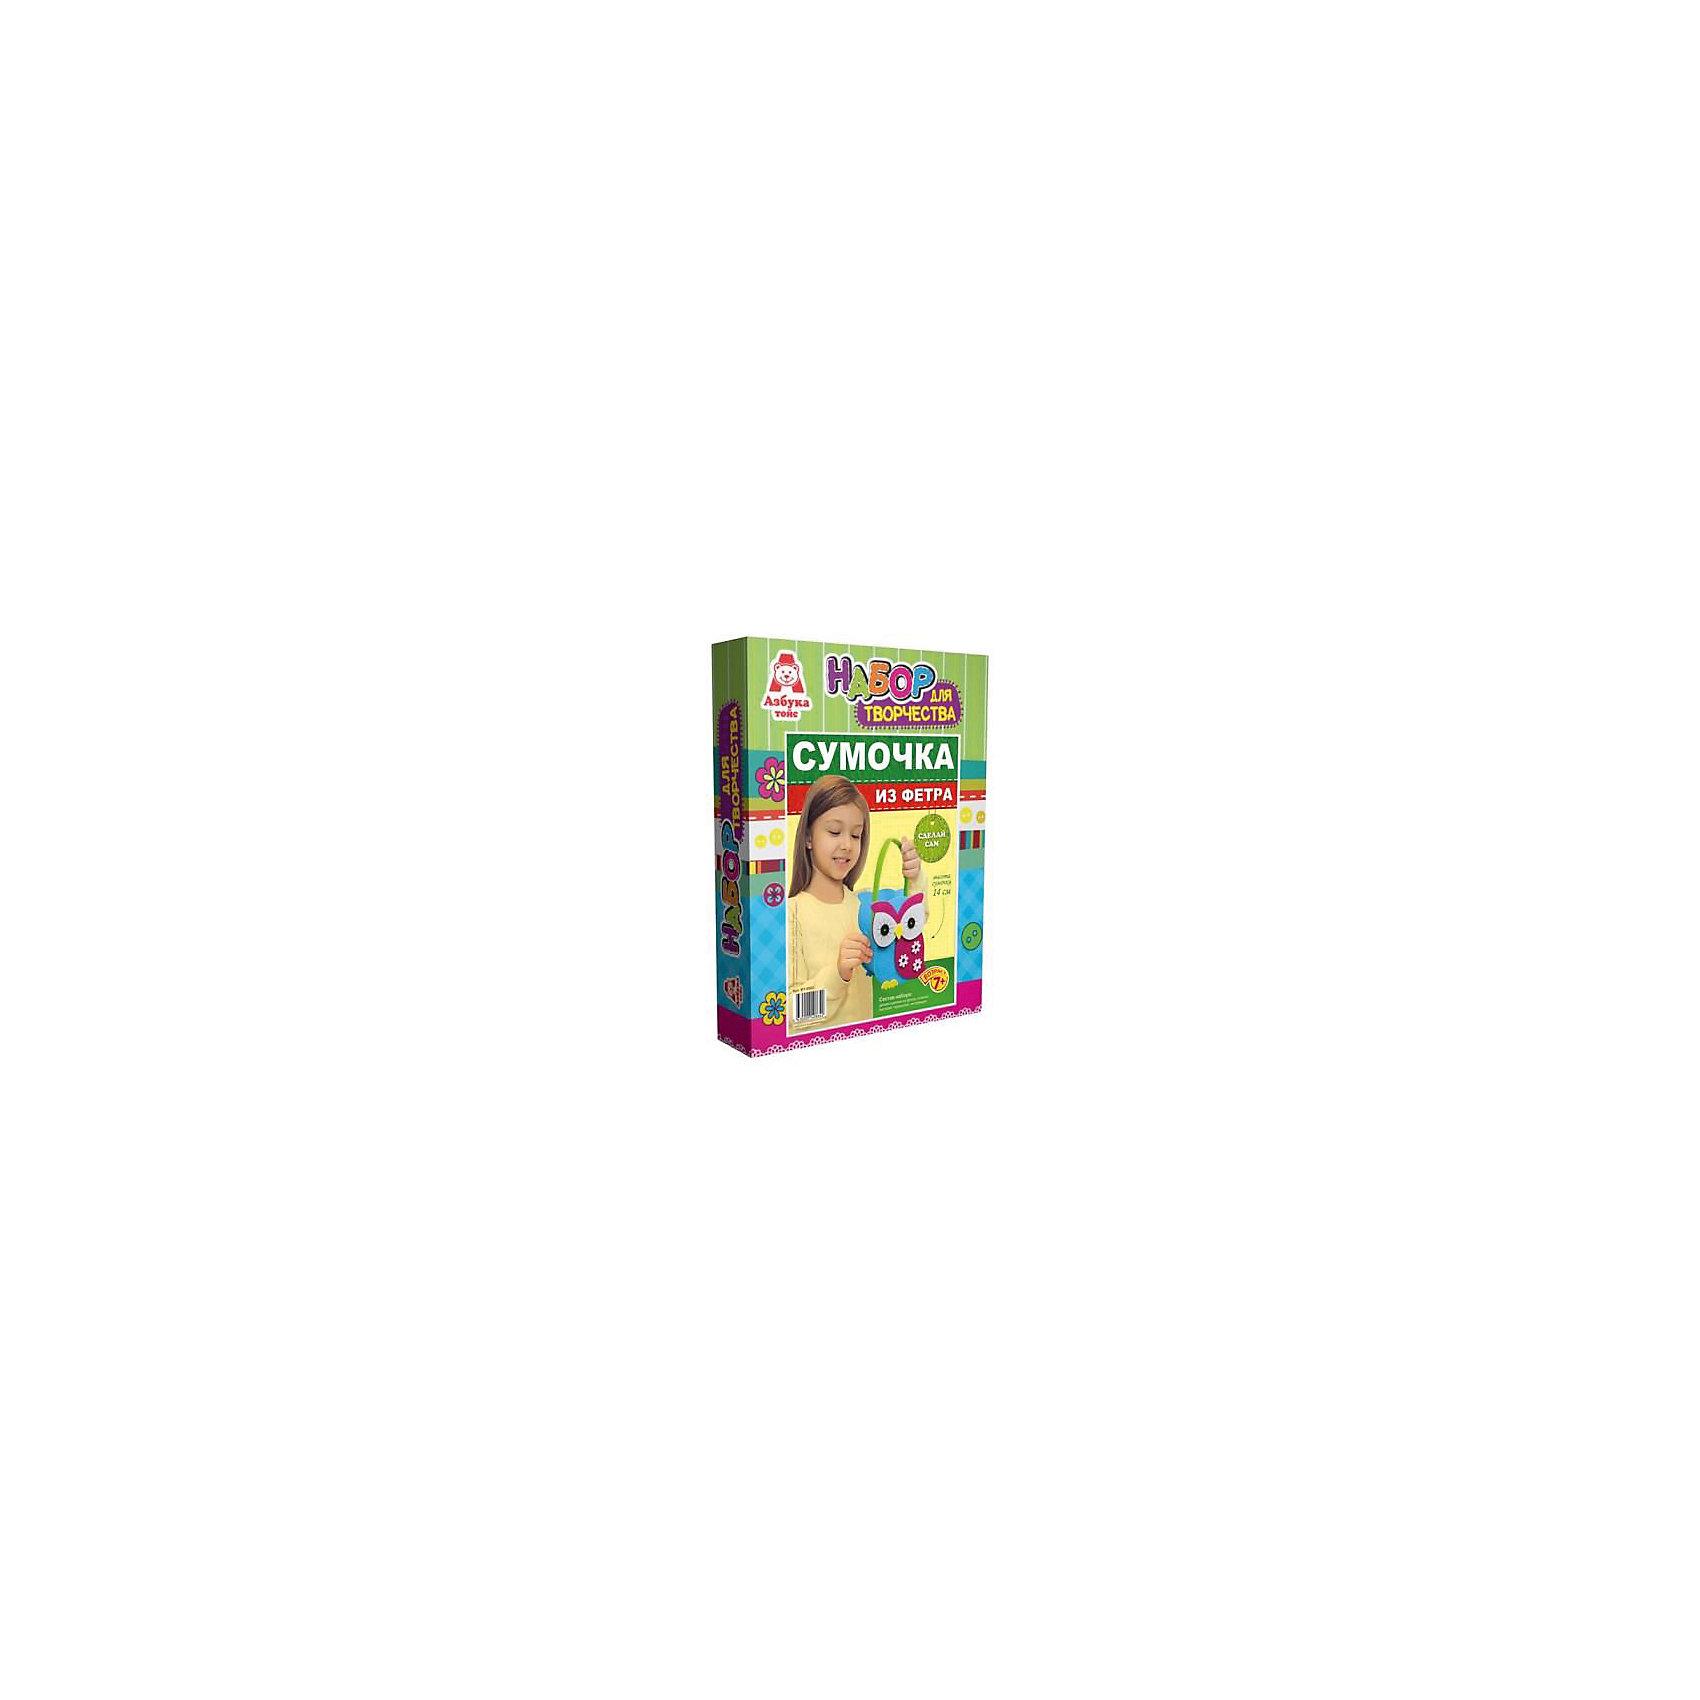 Сумочка из фетра Сова голубаяСумочка из фетра Сова голубая, Азбука Тойс.<br><br>Характеристики:<br><br>• готовая сумочка прекрасно сохраняет форму<br>• легко изготовить<br>• яркие материалы<br>• высота сумочки: 14 см<br>• в комплекте: детали из фетра, термоклей, клеевой пистолет<br>• размер упаковки: 28х5х21 см<br>• вес: 178 грамм<br><br>Что может быть увлекательнее создания собственной сумочки? Набор для создания сумочки из фетра от торговой марки Азбука Тойс поможет девочке создать уникальный аксессуар своими руками. Для создания сумочки необходимо соединить все детали с помощью термоклея и клеевого пистолета. Готовая сумочка держит форму, благодаря чему, ее можно использовать для различных безделушек и аксессуаров. Яркий дизайн в виде совы придется по вкусу каждой моднице!<br><br>Сумочку из фетра Сова голубая, Азбука Тойс вы можете купить в нашем интернет-магазине.<br><br>Ширина мм: 210<br>Глубина мм: 50<br>Высота мм: 280<br>Вес г: 178<br>Возраст от месяцев: 84<br>Возраст до месяцев: 144<br>Пол: Женский<br>Возраст: Детский<br>SKU: 5062977